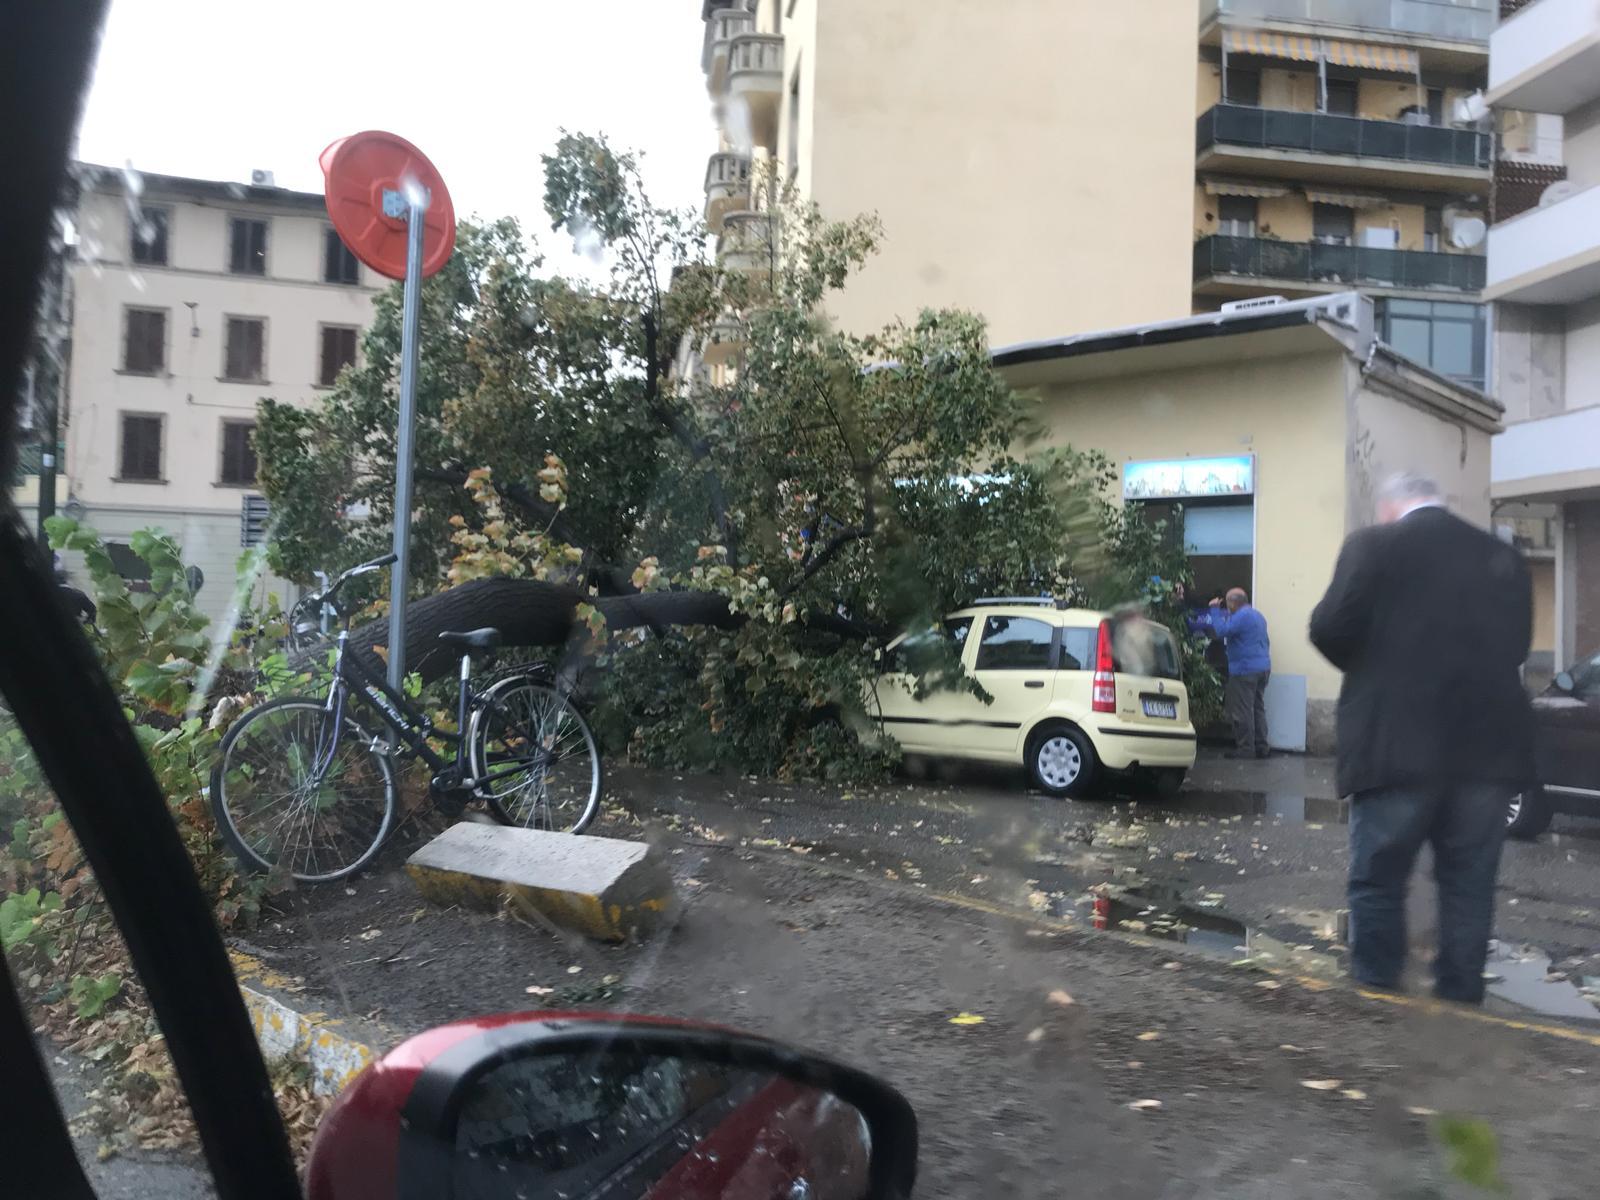 Toscana 22- 30 Ottobre 2018-via-benedetto-marcello.jpg